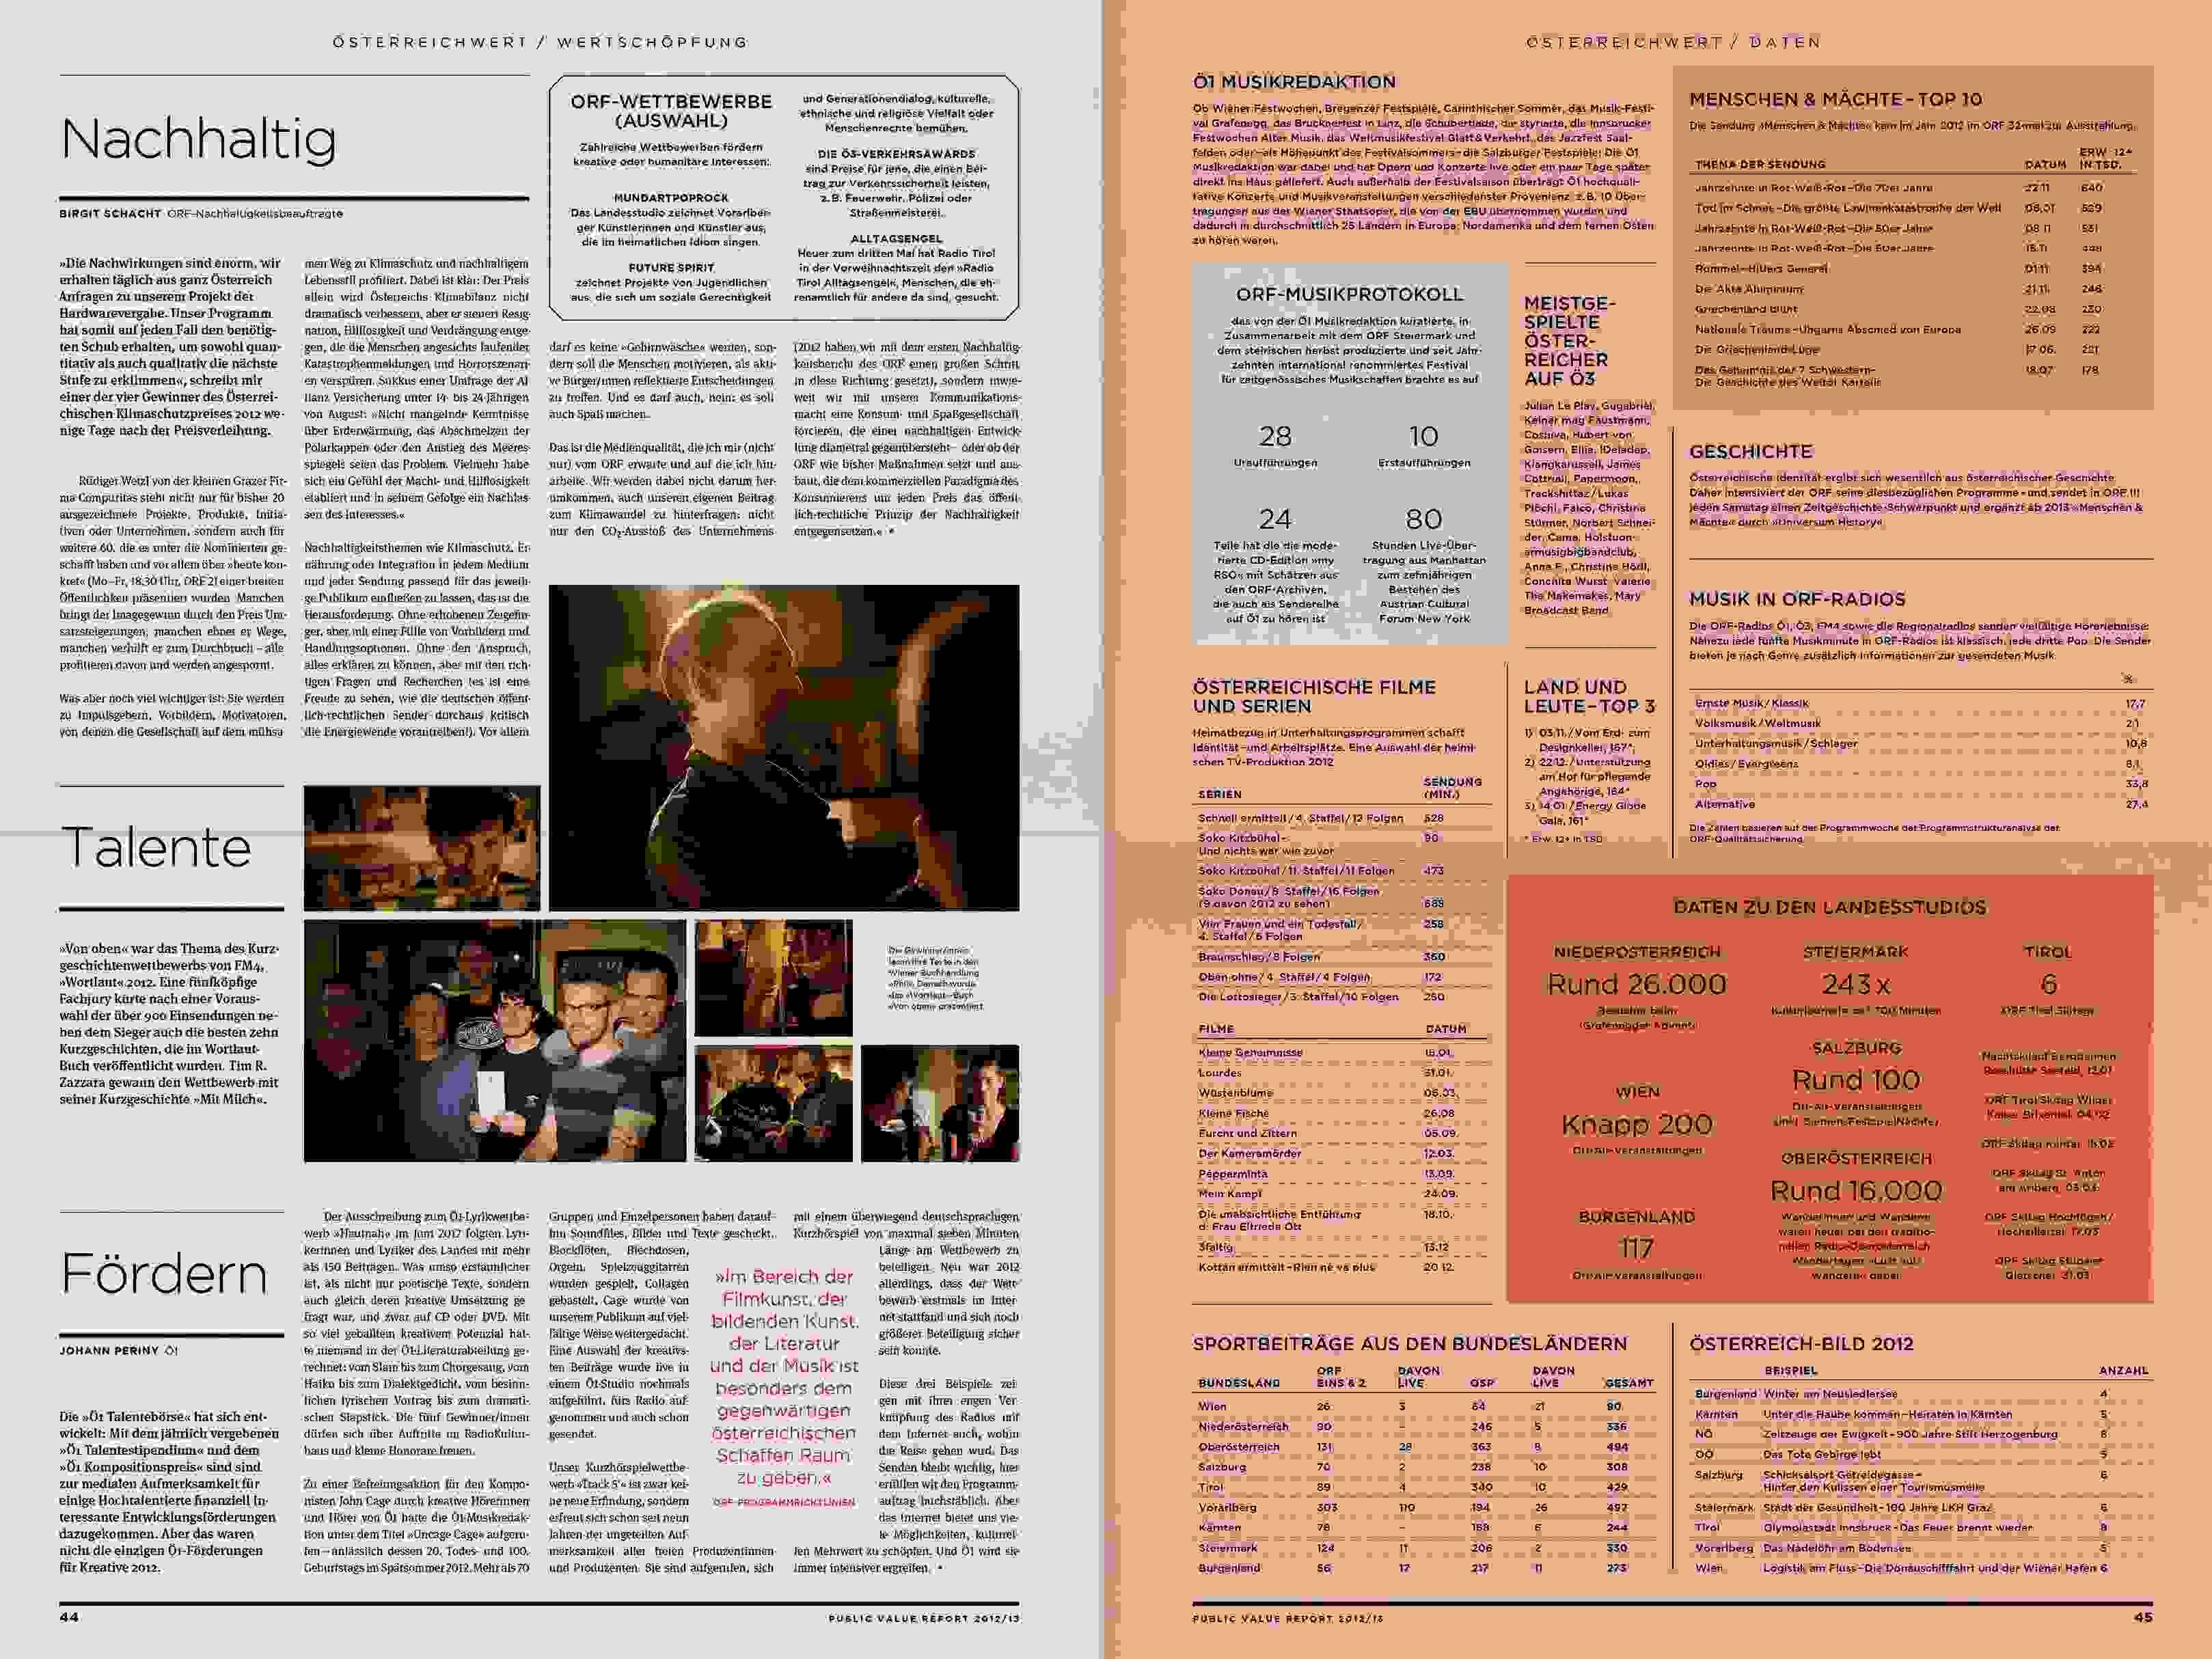 ORF PV 13 flat Dummy Zeitung Doppelseite 14